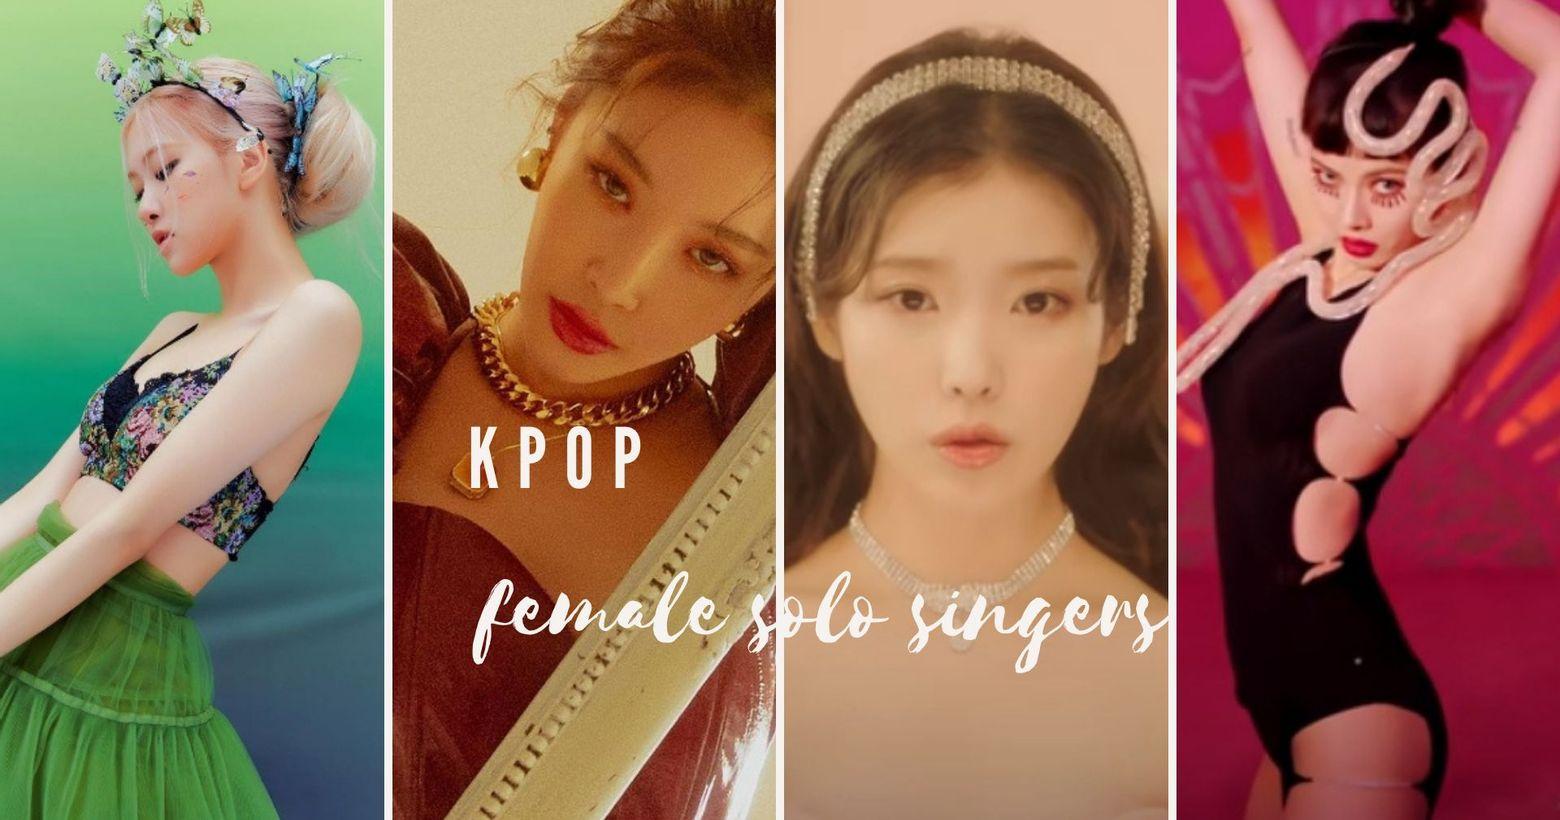 韓流快報!近期回歸的solo女歌手,甜美火辣通通都有,哪個是你的Pick呢?1月底韓國歌壇超級熱鬧,